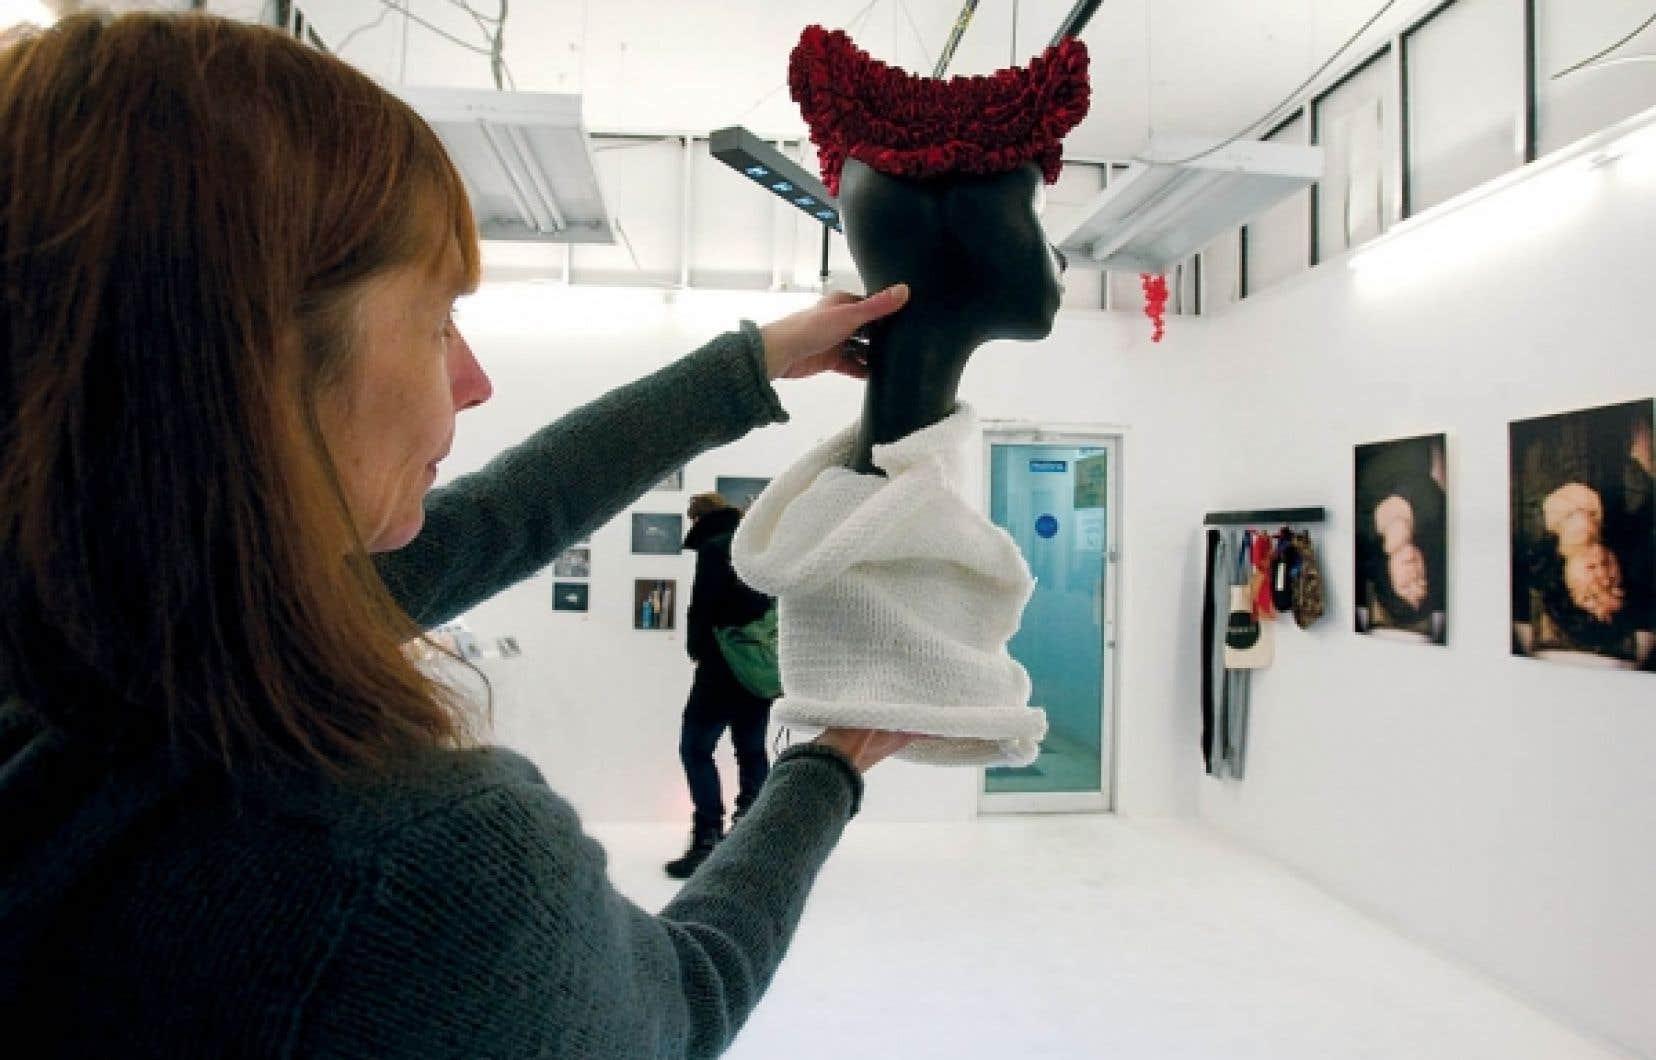 L'artiste fondatrice de l'Atelier Punkt, Melinda Pap, avec une de ses œuvres: un petit chapeau en ruban rouge plié, accompagné d'un cache-cou de la série -45C du studio Rita.<br />